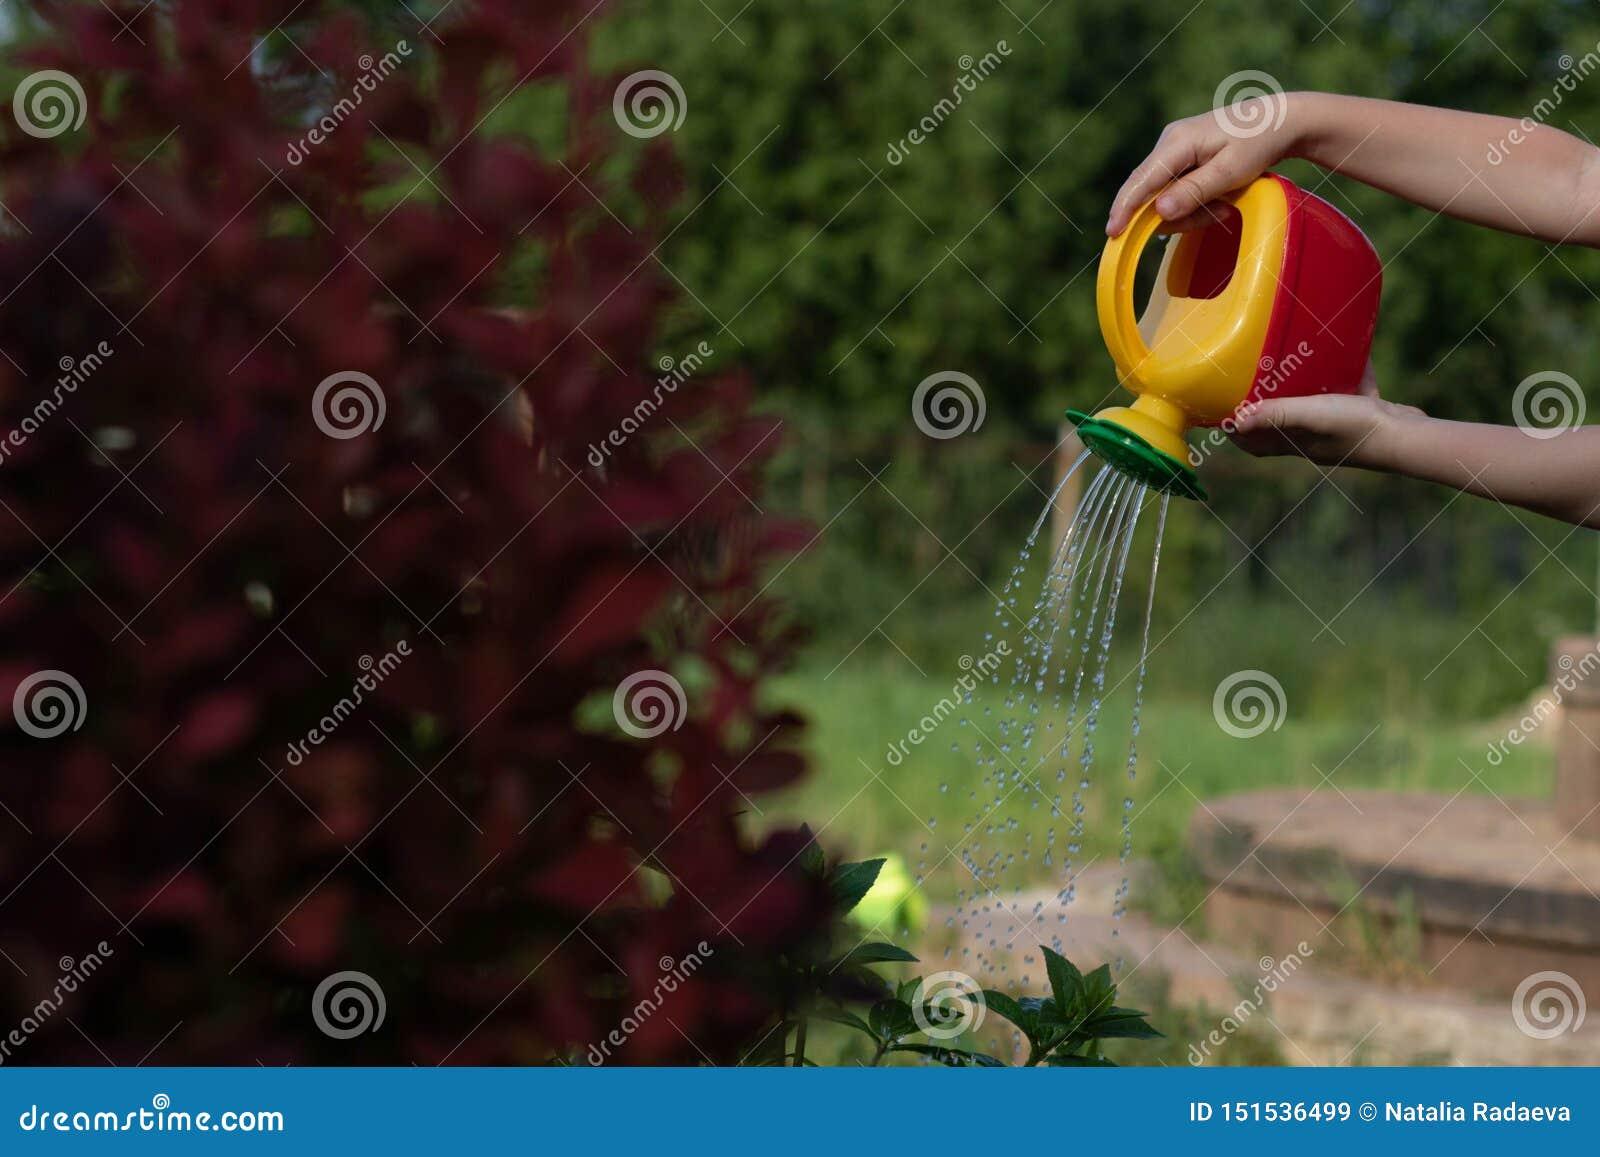 Niño que riega un arbusto de una regadera rojo-amarilla La foto muestra las manos de un niño, ninguna cara El niño ayuda a la mam